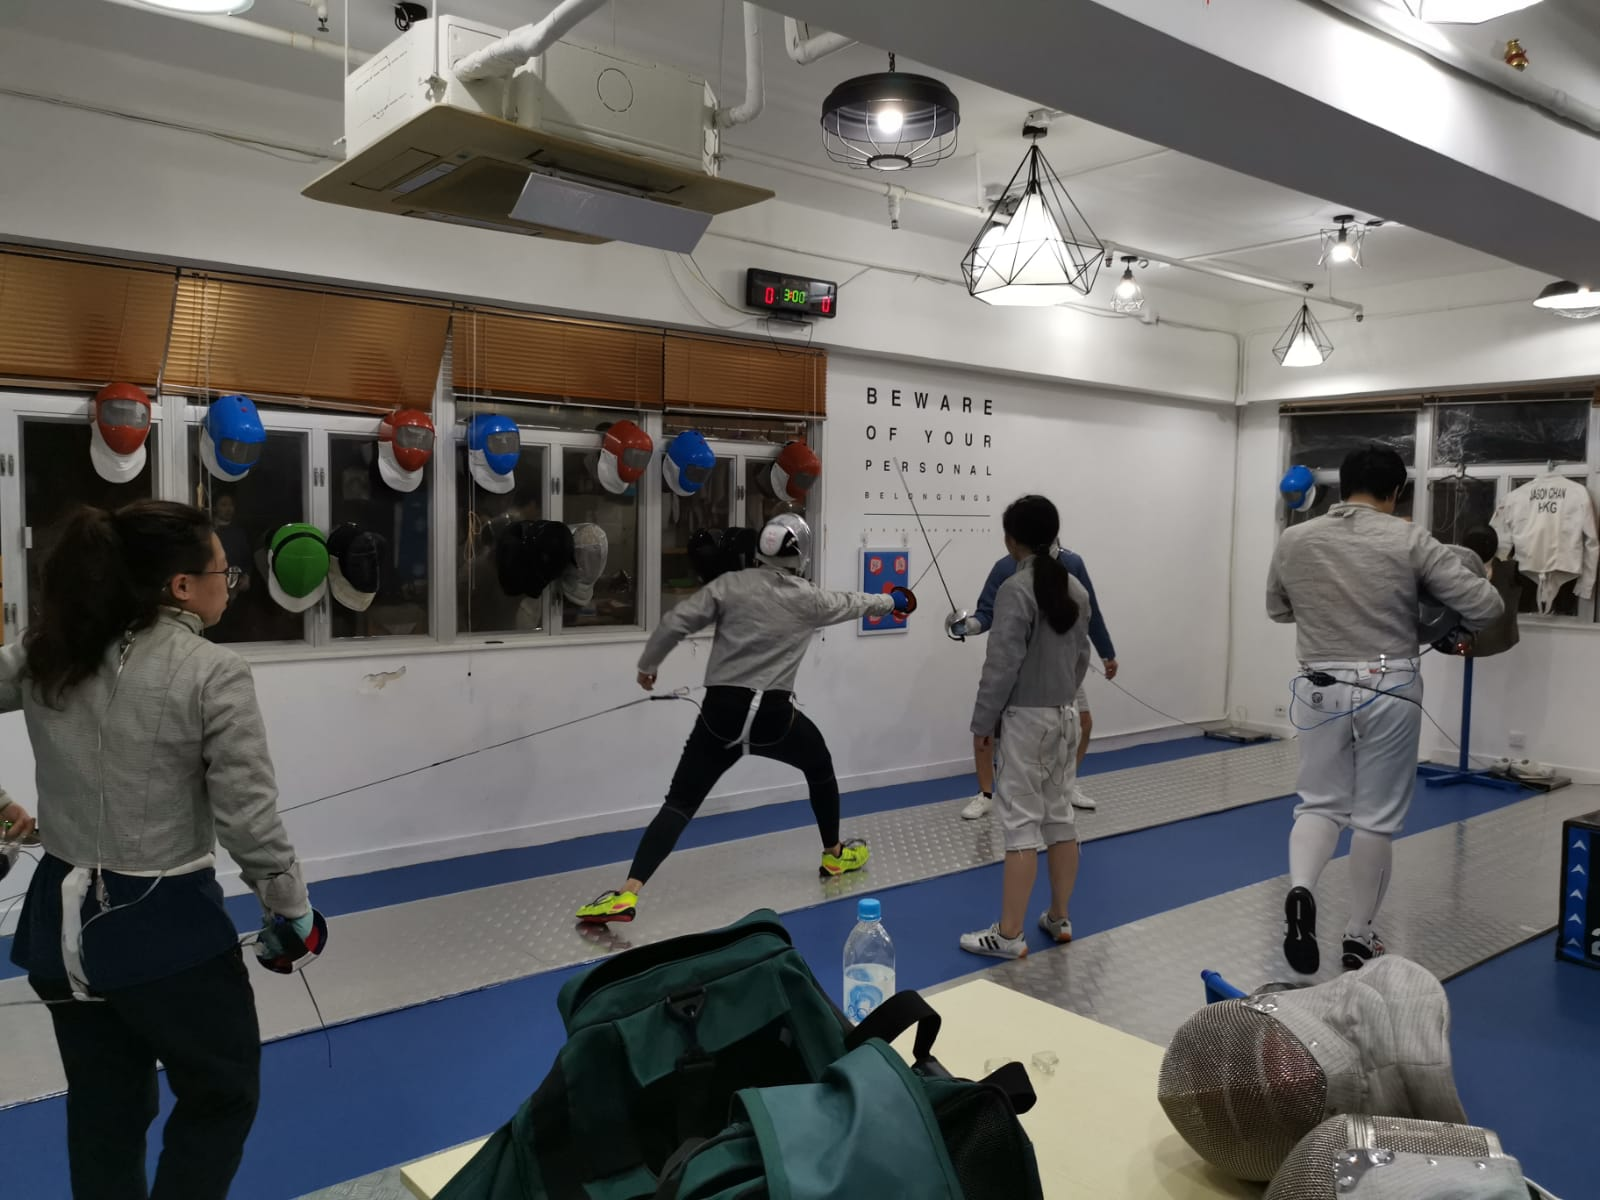 { en: 'Union Fencing Club ', cn: '劍藝會' } 2